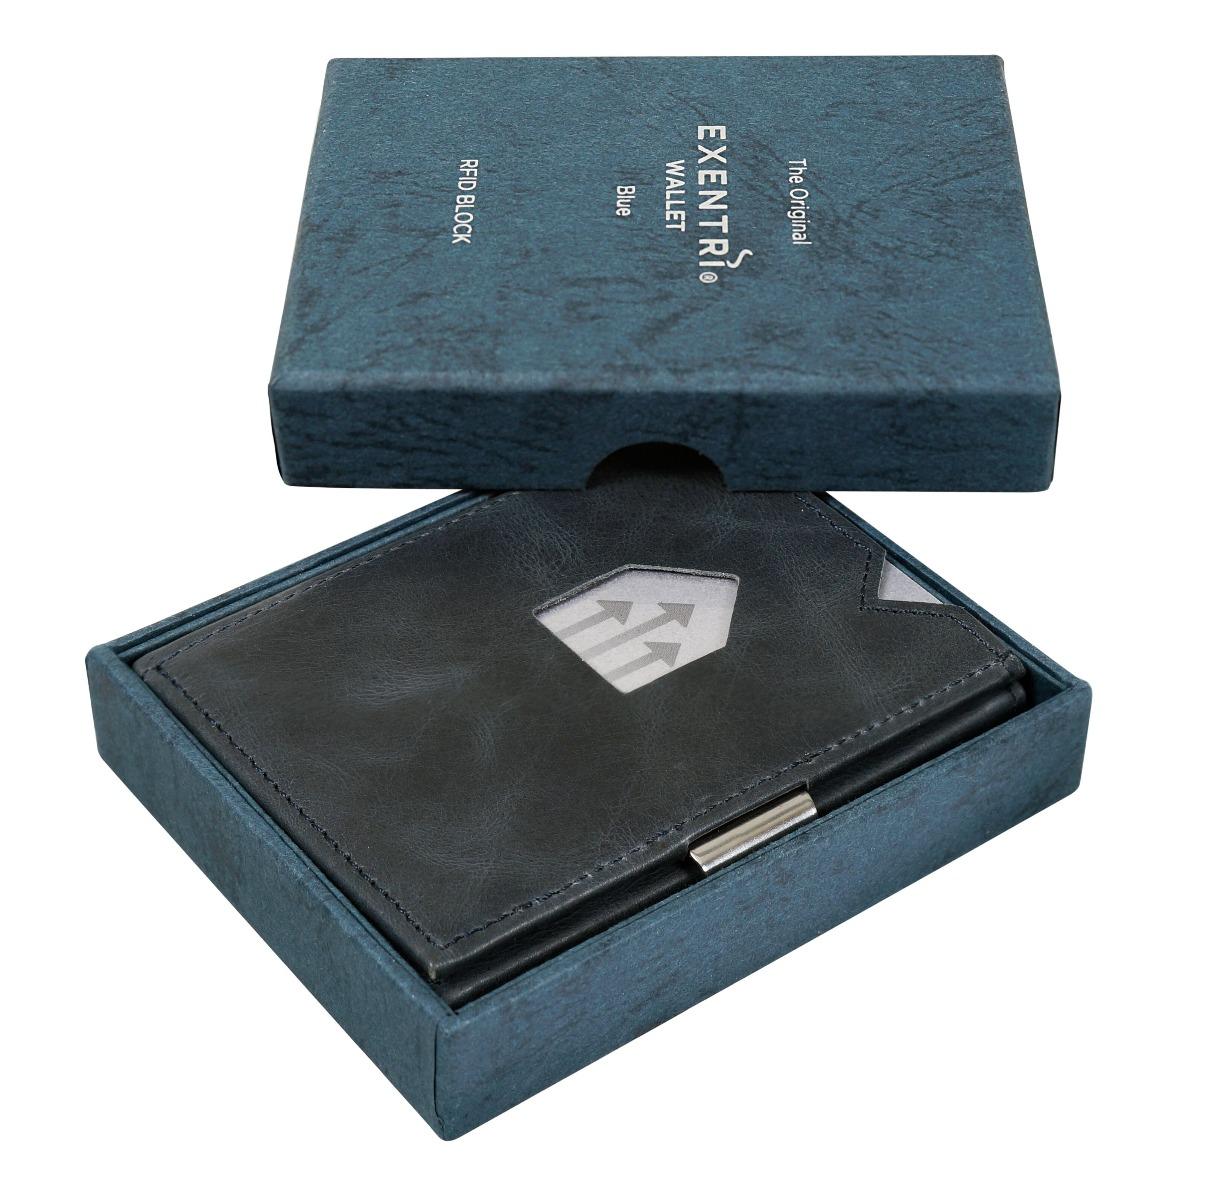 Exentri Blue Nadčasový vzhled, jednoduché, ale funkční provedení a kvalitní materiál – to vše charakterizuje moderní peněženku Exentri.  šest přihrádek na platební a jiné karty na obou stranách peněženky kapsička sokénkem dostatečný prostor i na velké bankovky proužek na přichycení jízdenky či fotografie RFiD ochrana proti krádeži osobních údajů díky malým rozměrům se snadno vejde i do kapsy vyrobeno zpravé kůže